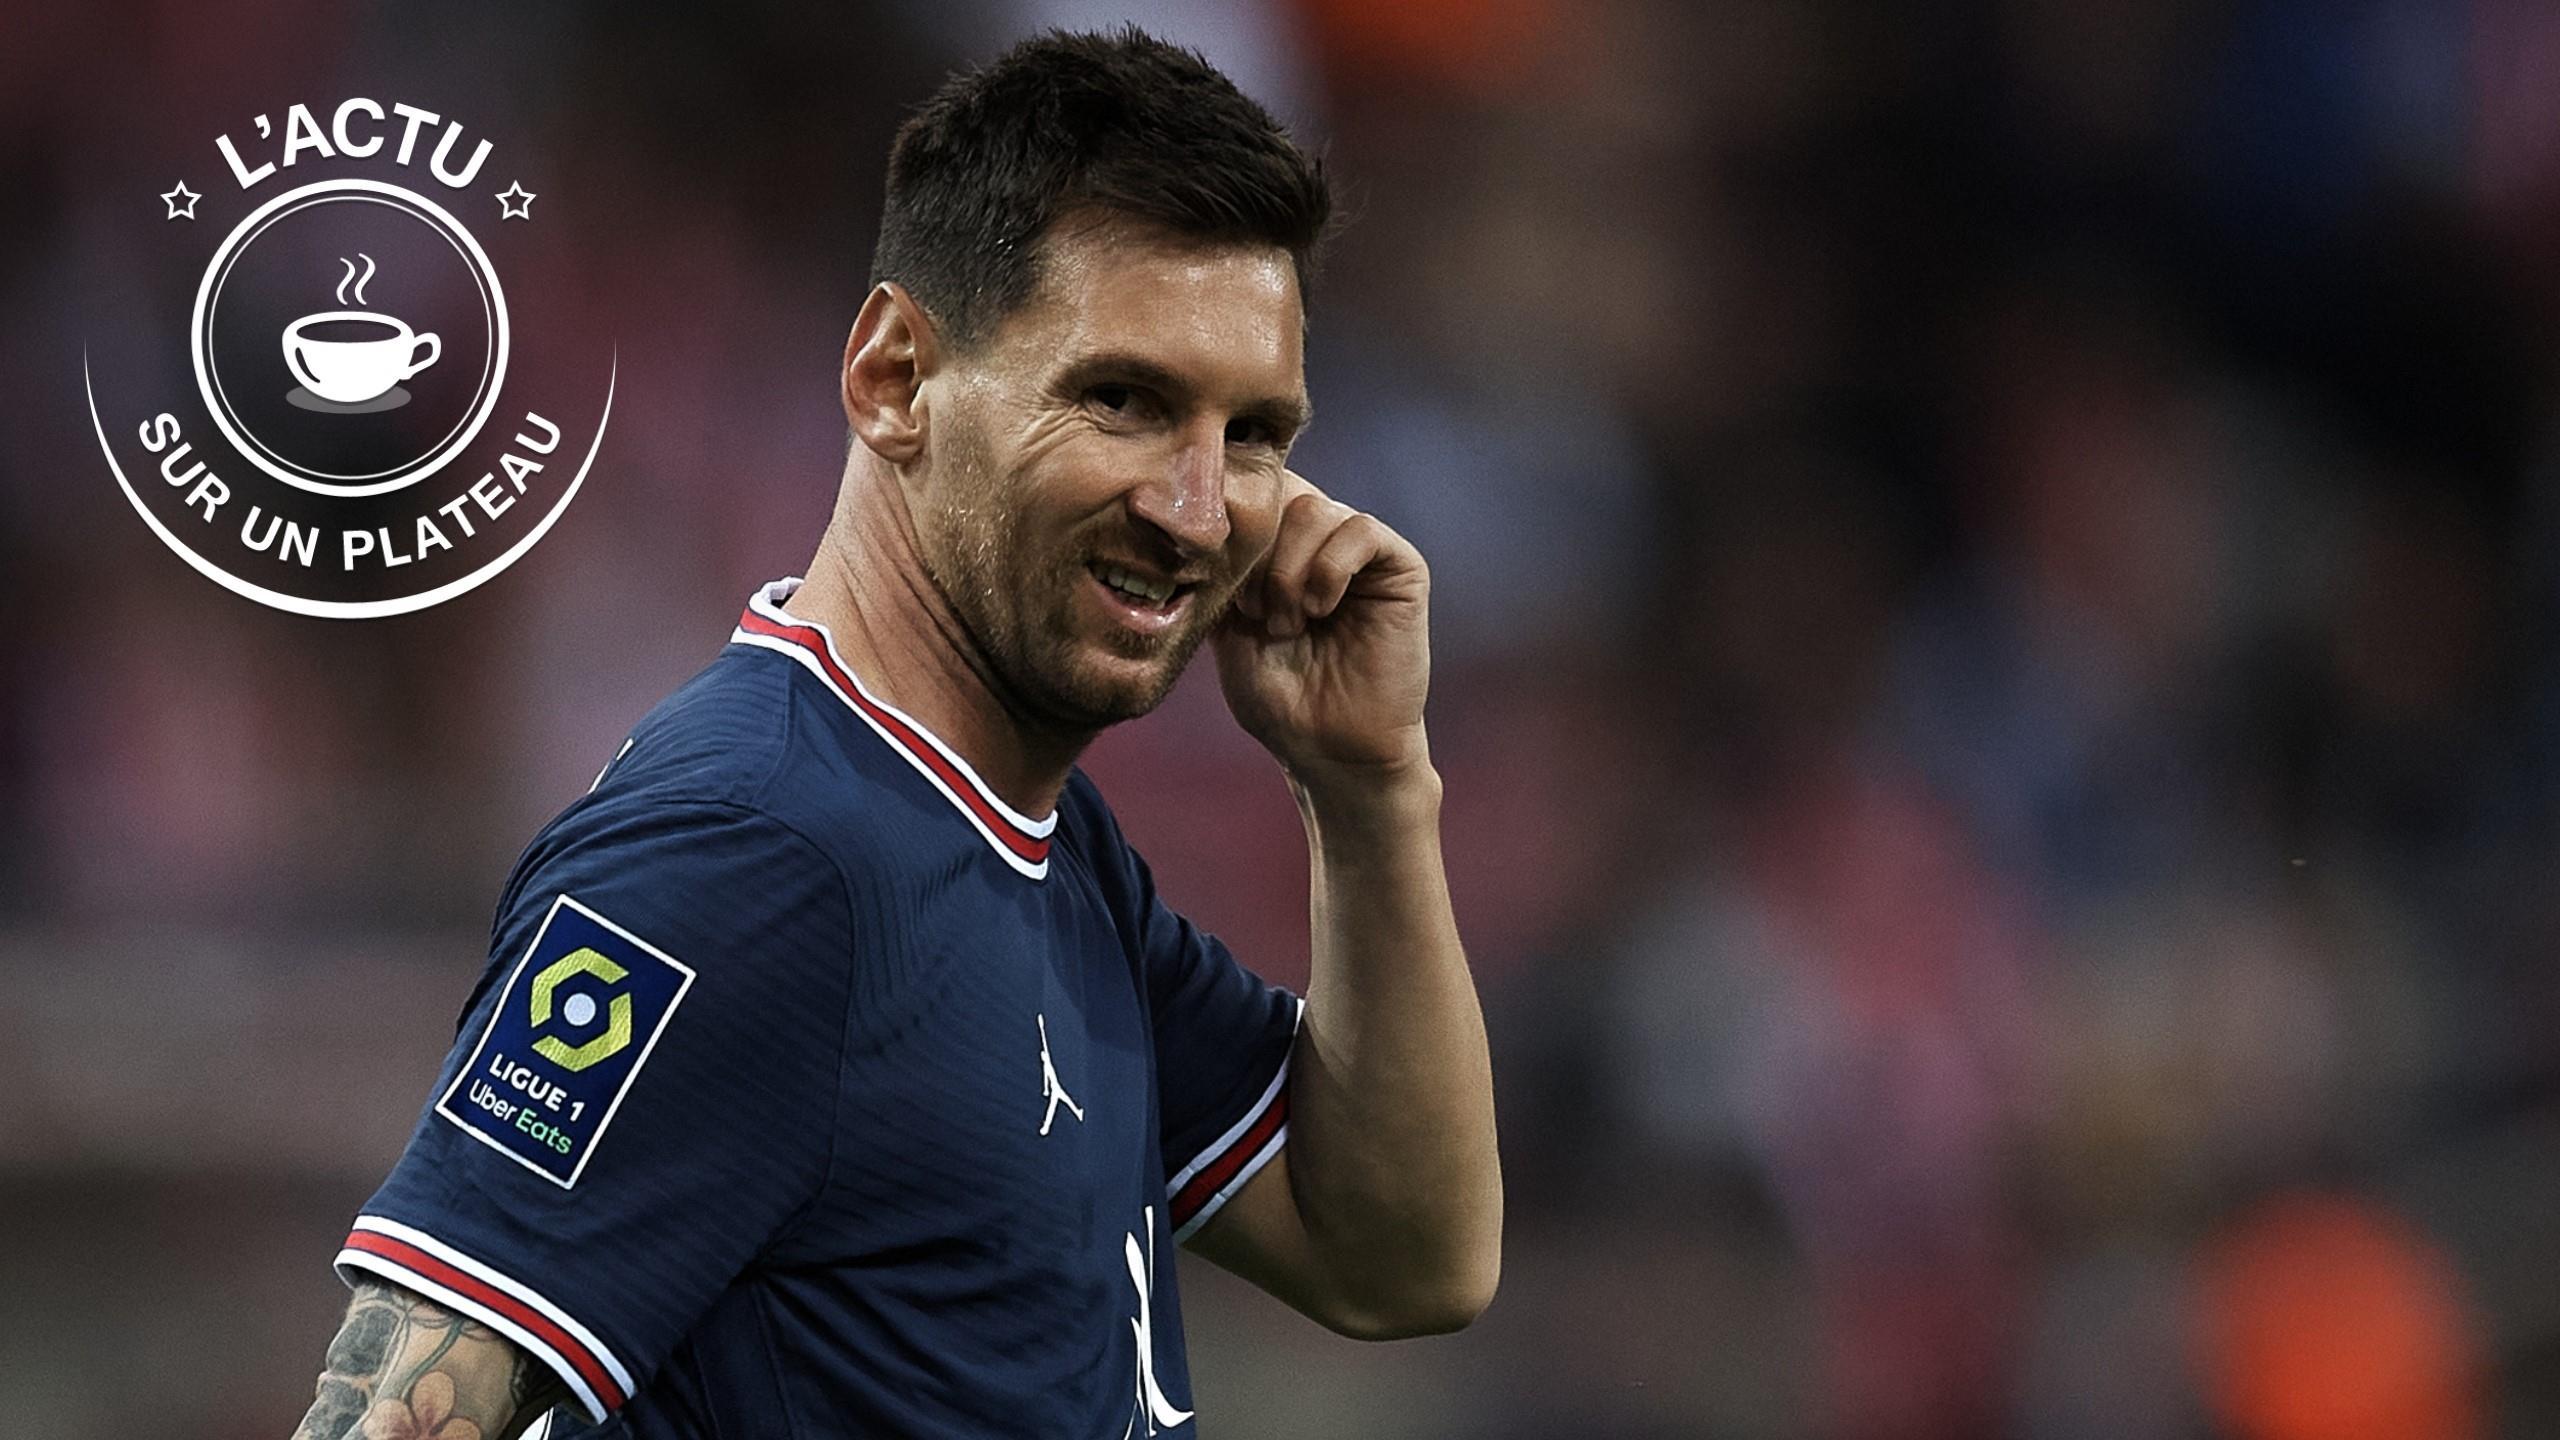 Matches de la peur, retrouvailles Messi-Boateng, Van Aert attendu : L'actu sur un plateau thumbnail